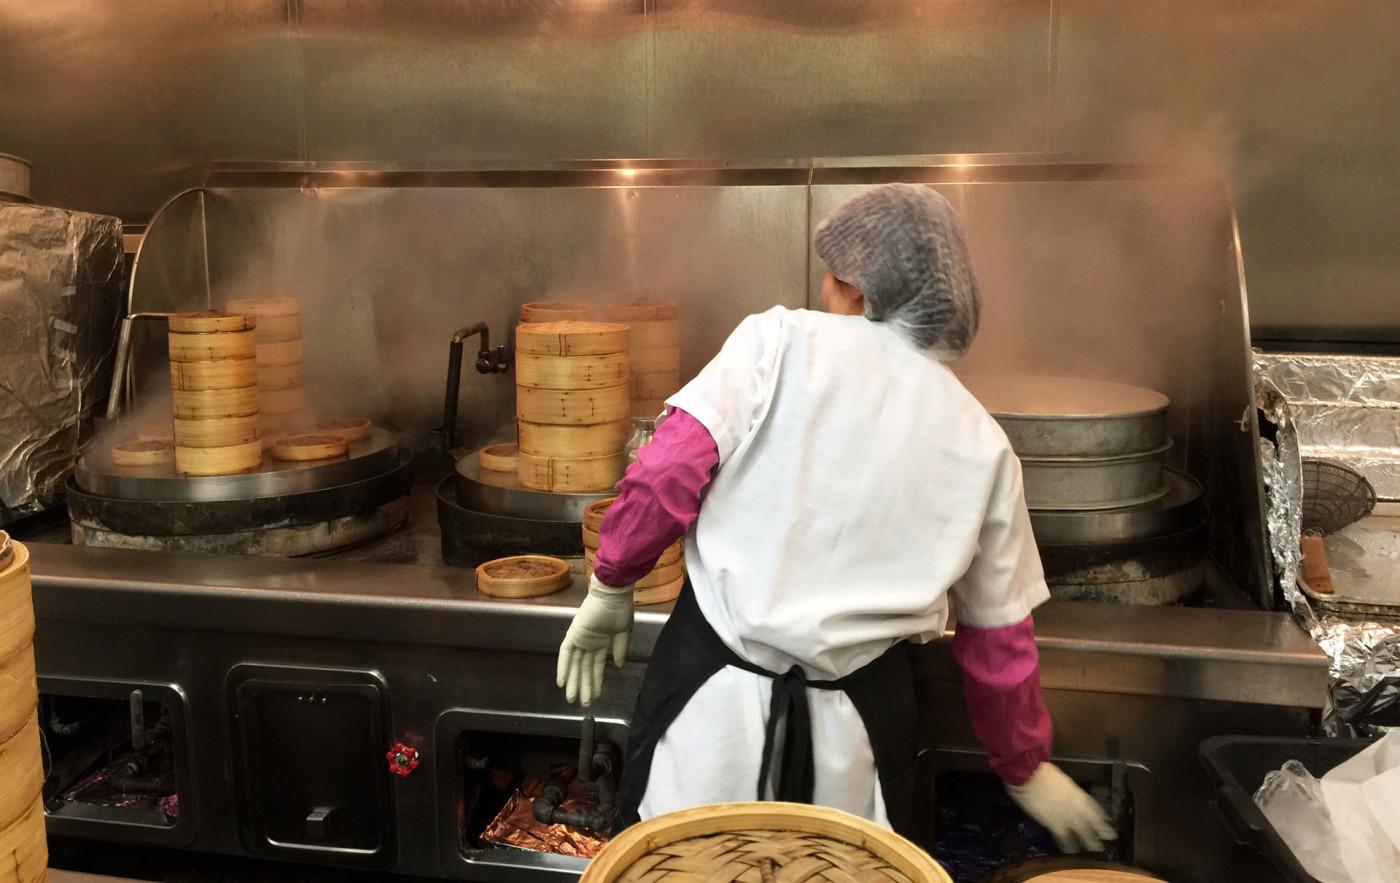 Cocineros de preparación en la cocina del restaurante de dim sum Yank Sing, en el distrito financiero de San Francisco. Los trabajadores allí ganaron una compensación de $4 millones por robo salarial en el 2014.